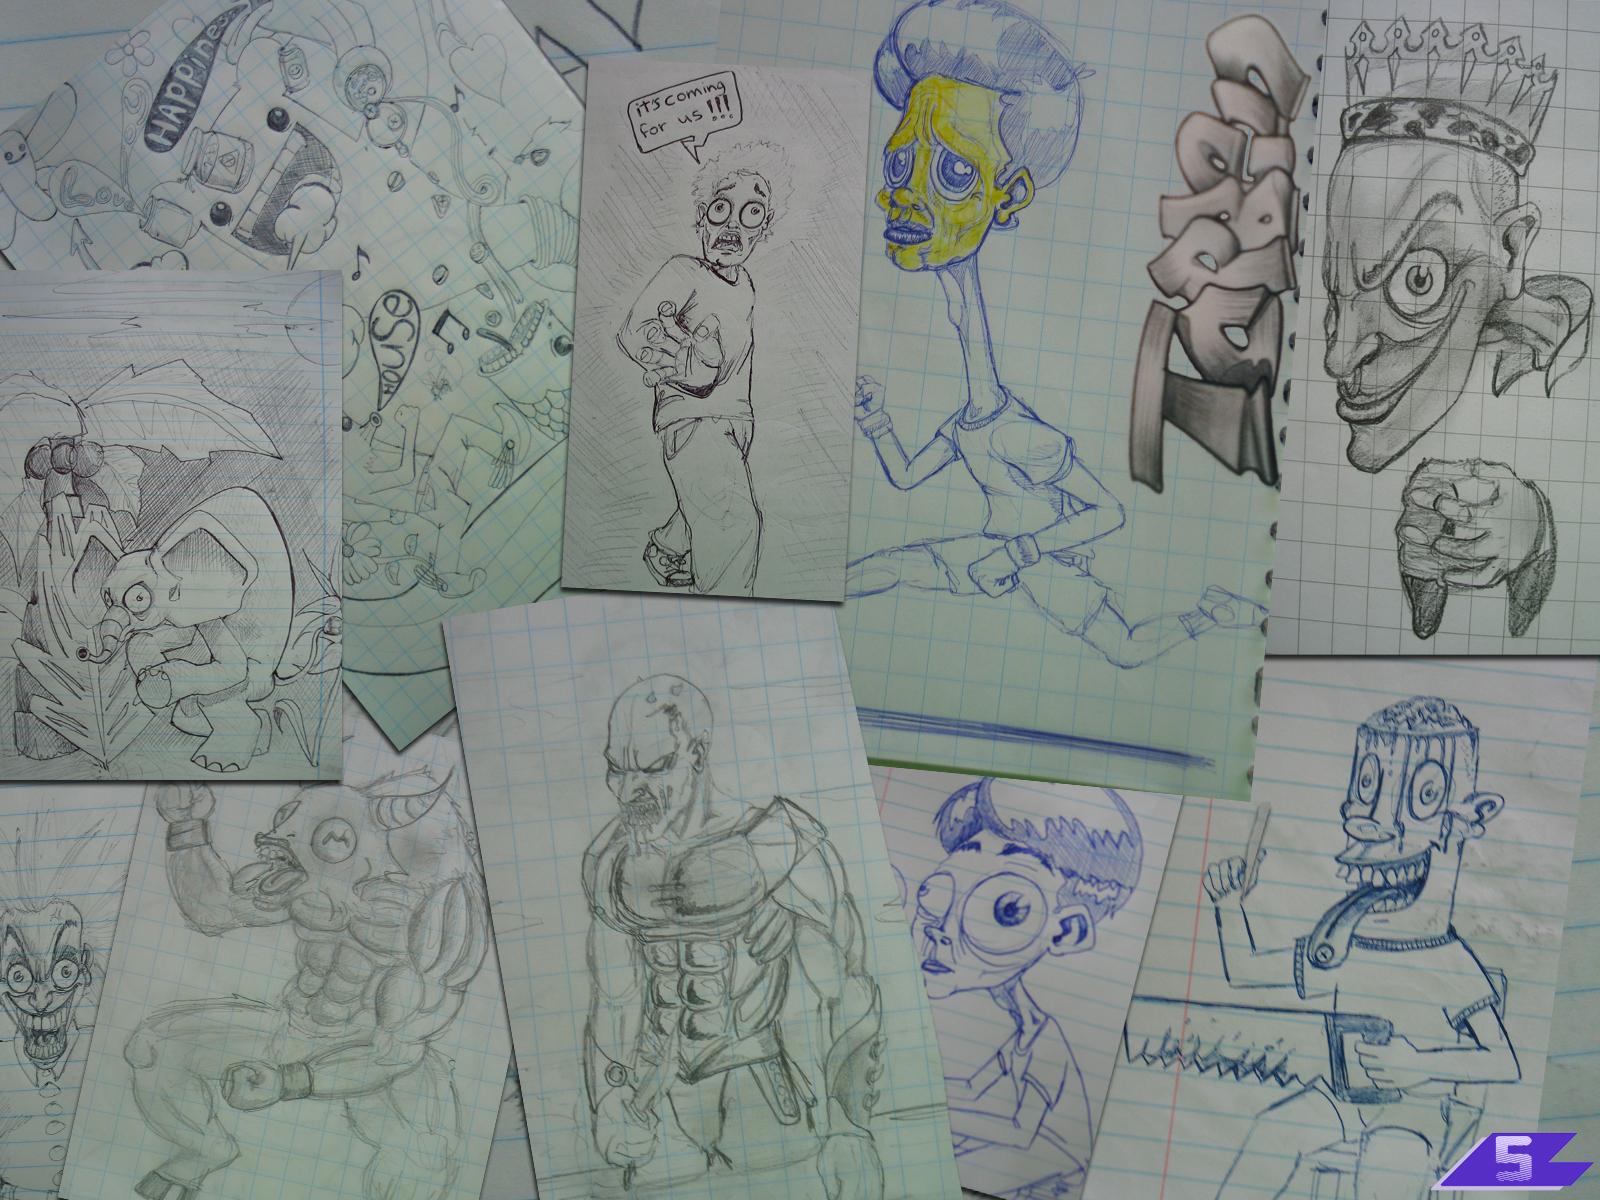 Marieken van Huijstee - assembly of doodle characters